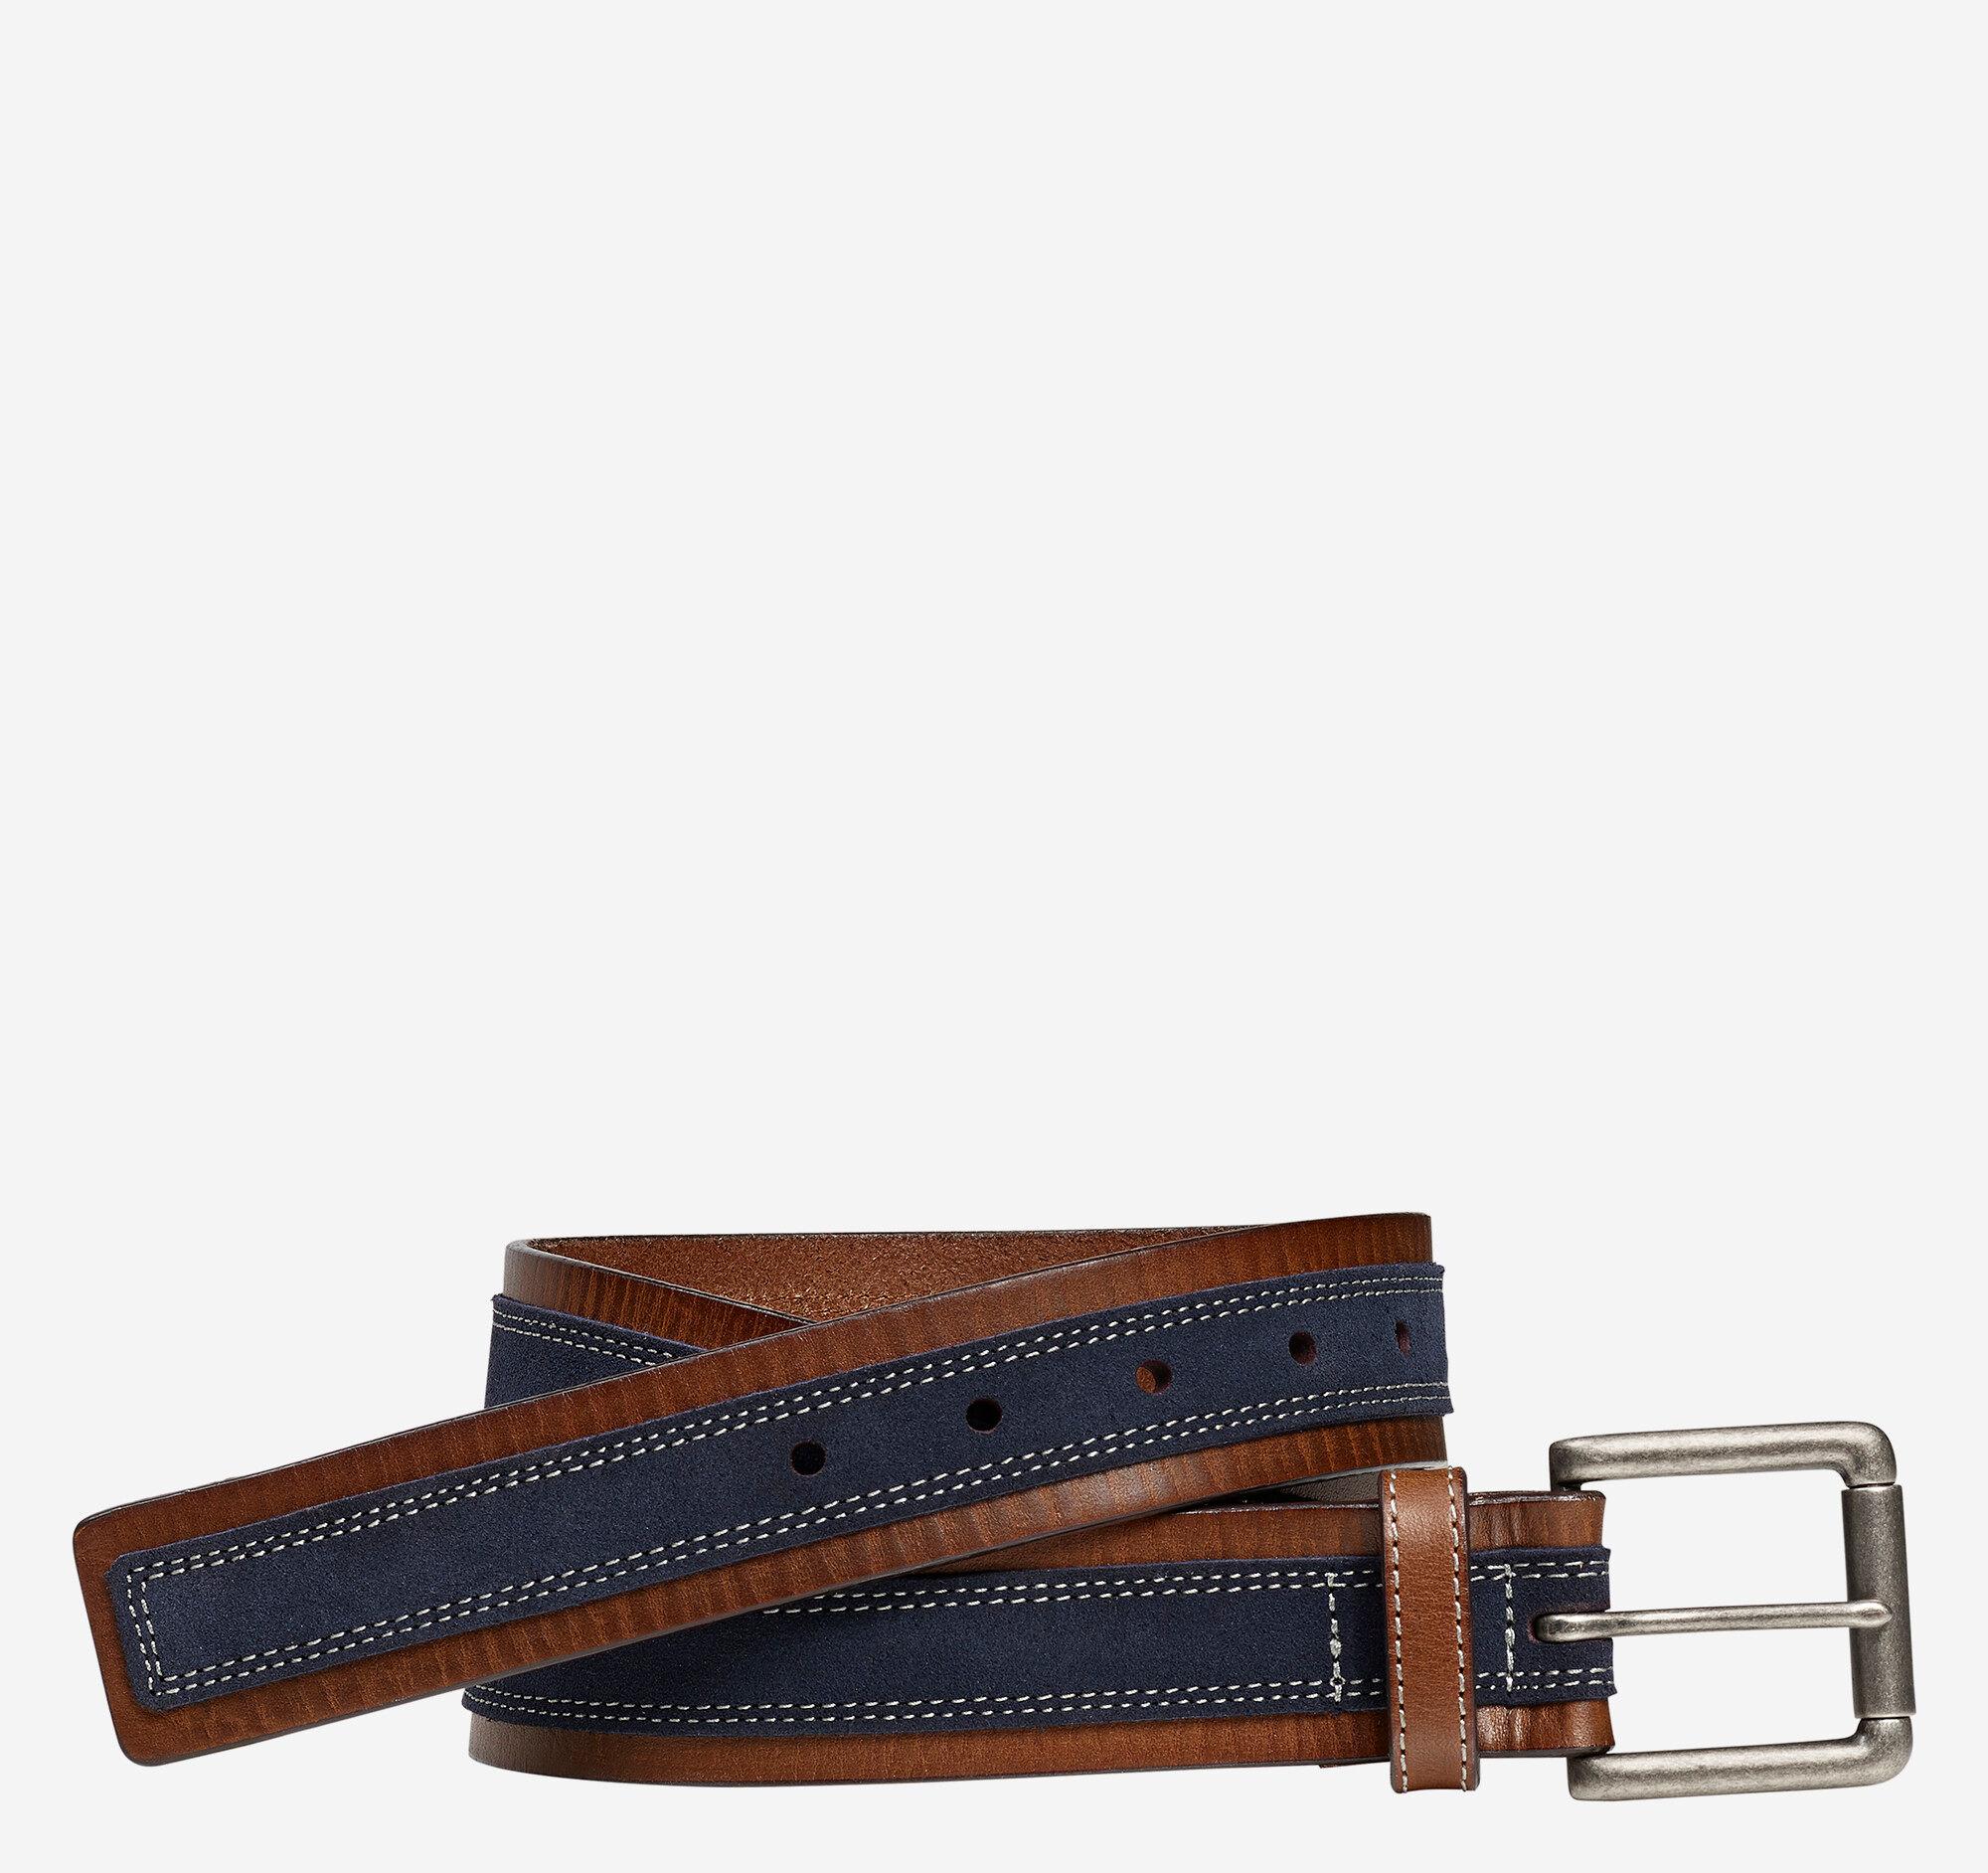 Johnston & Murphy Men's Suede Overlay Belt - Brown/Navy - Size 34